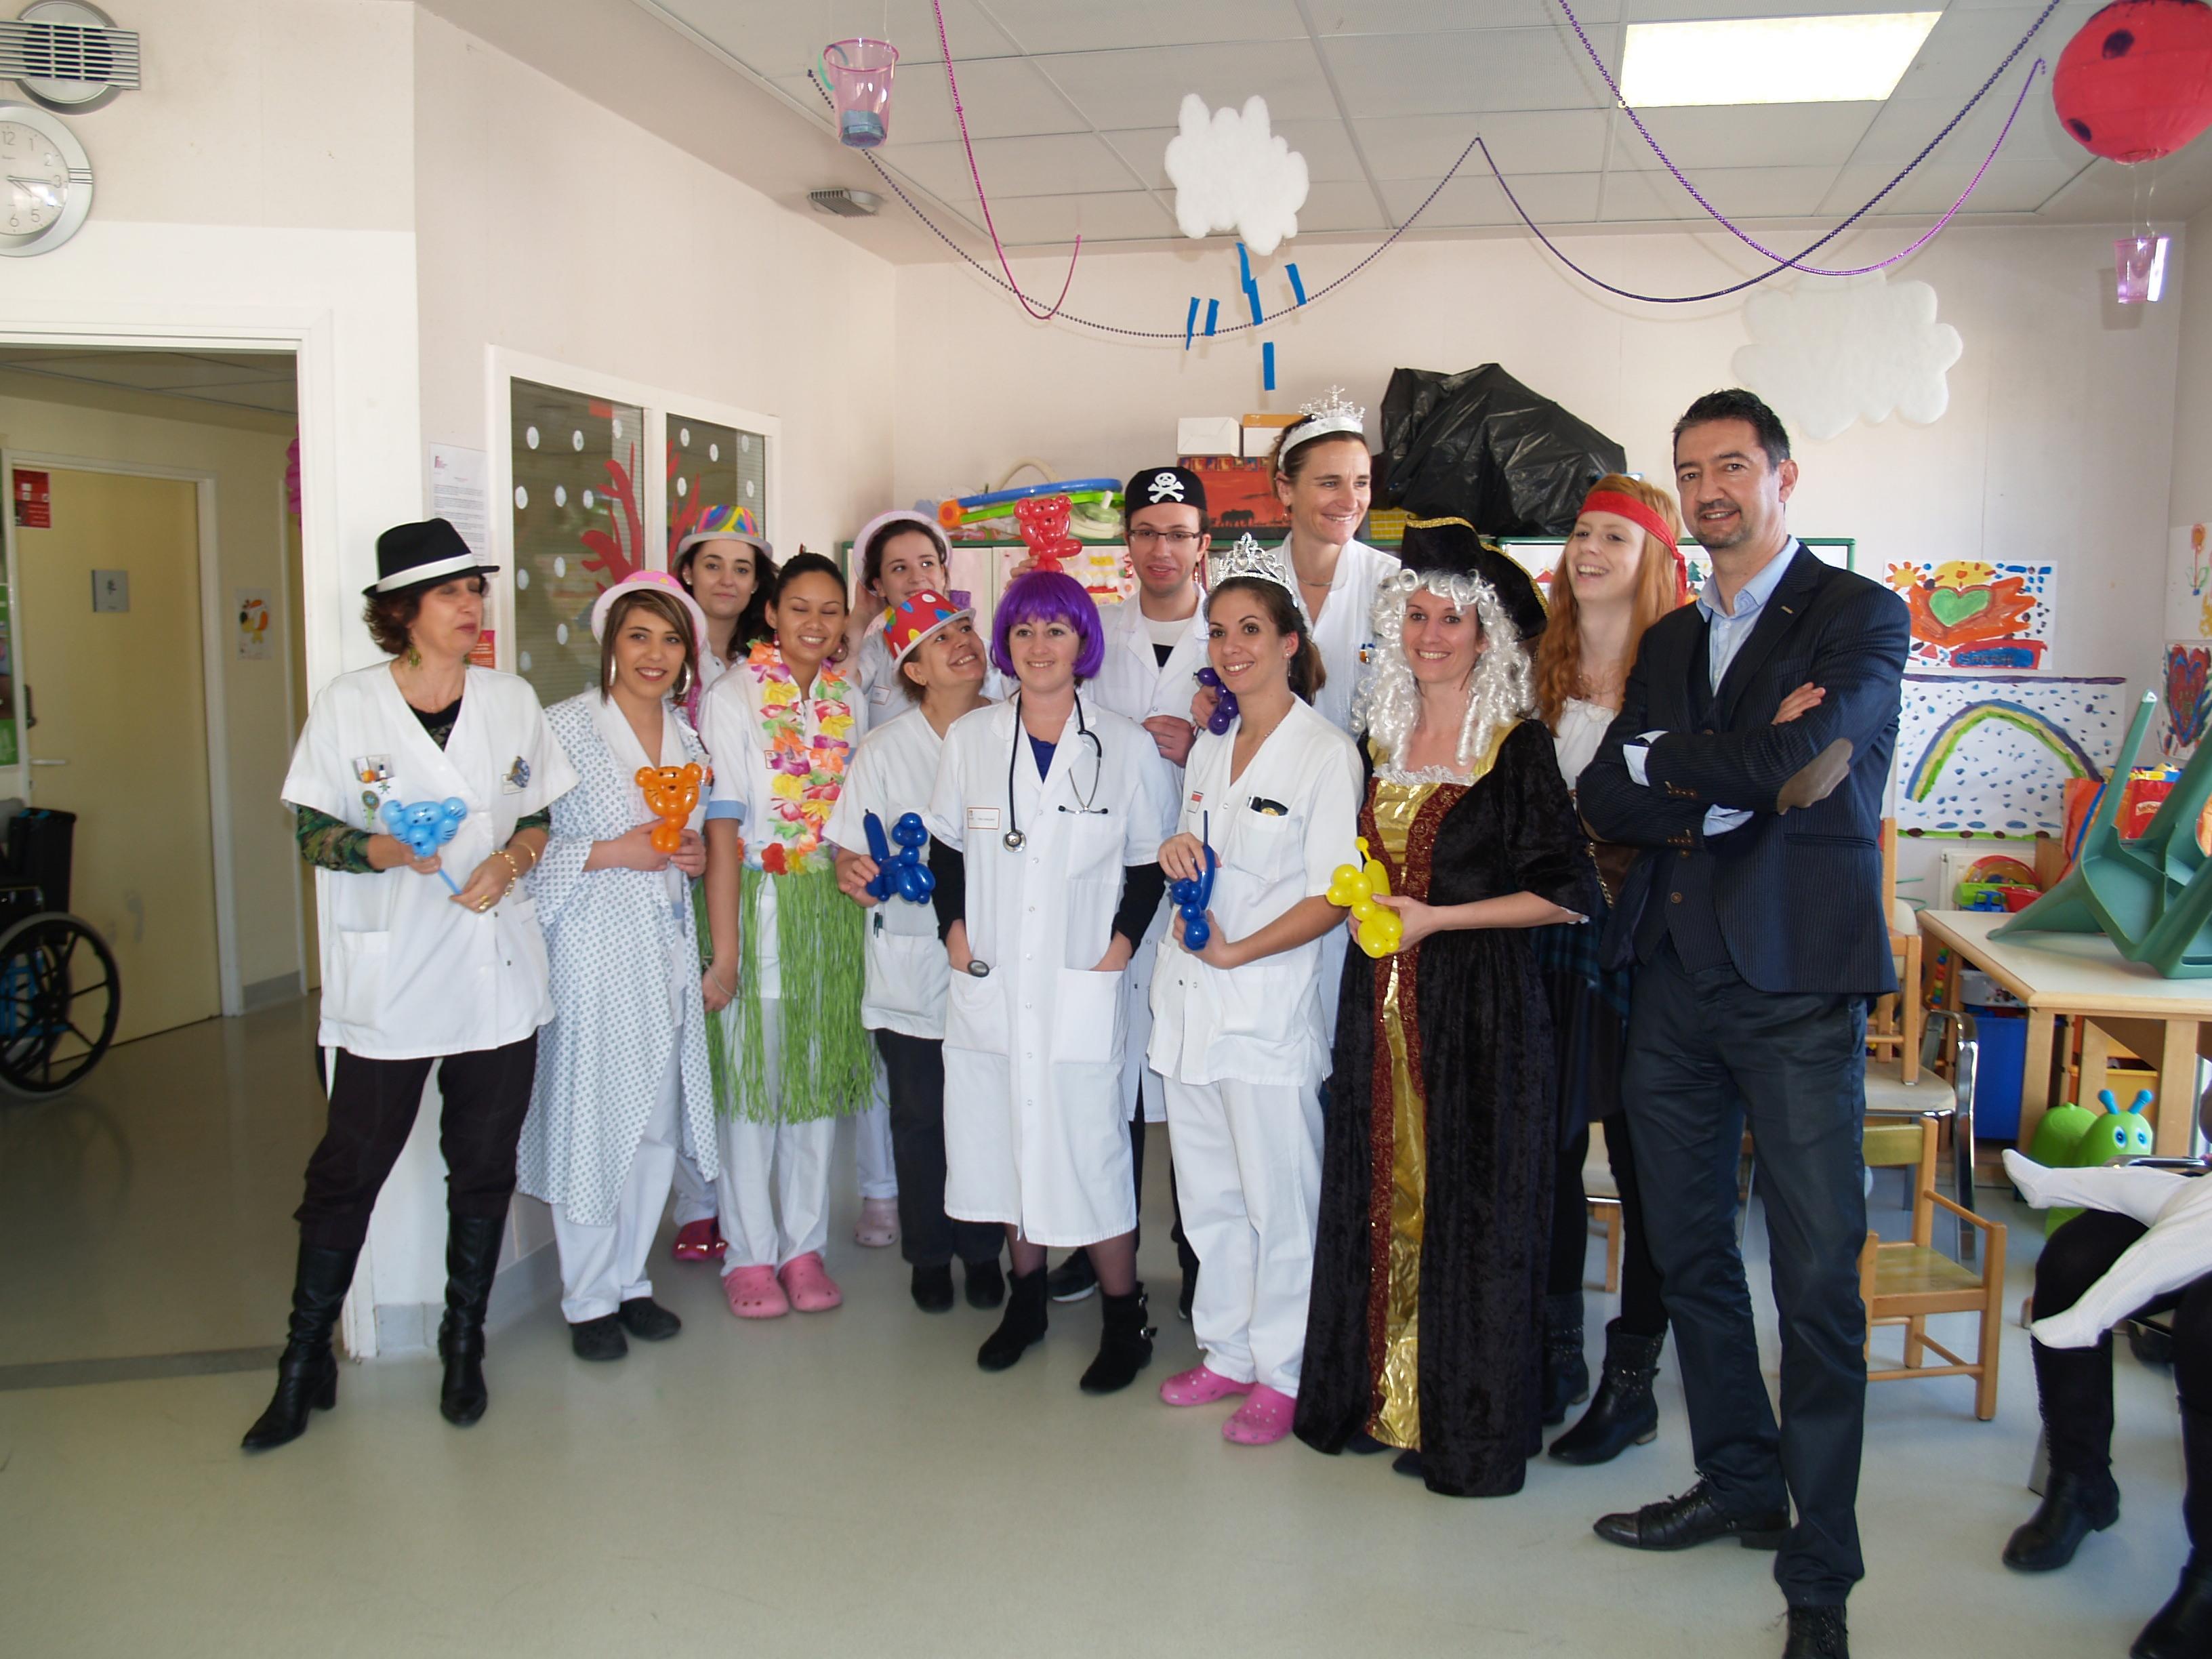 MAGIE ENFANTS A L'HOPITAL DE MONTAUBAN, TOULOUSE